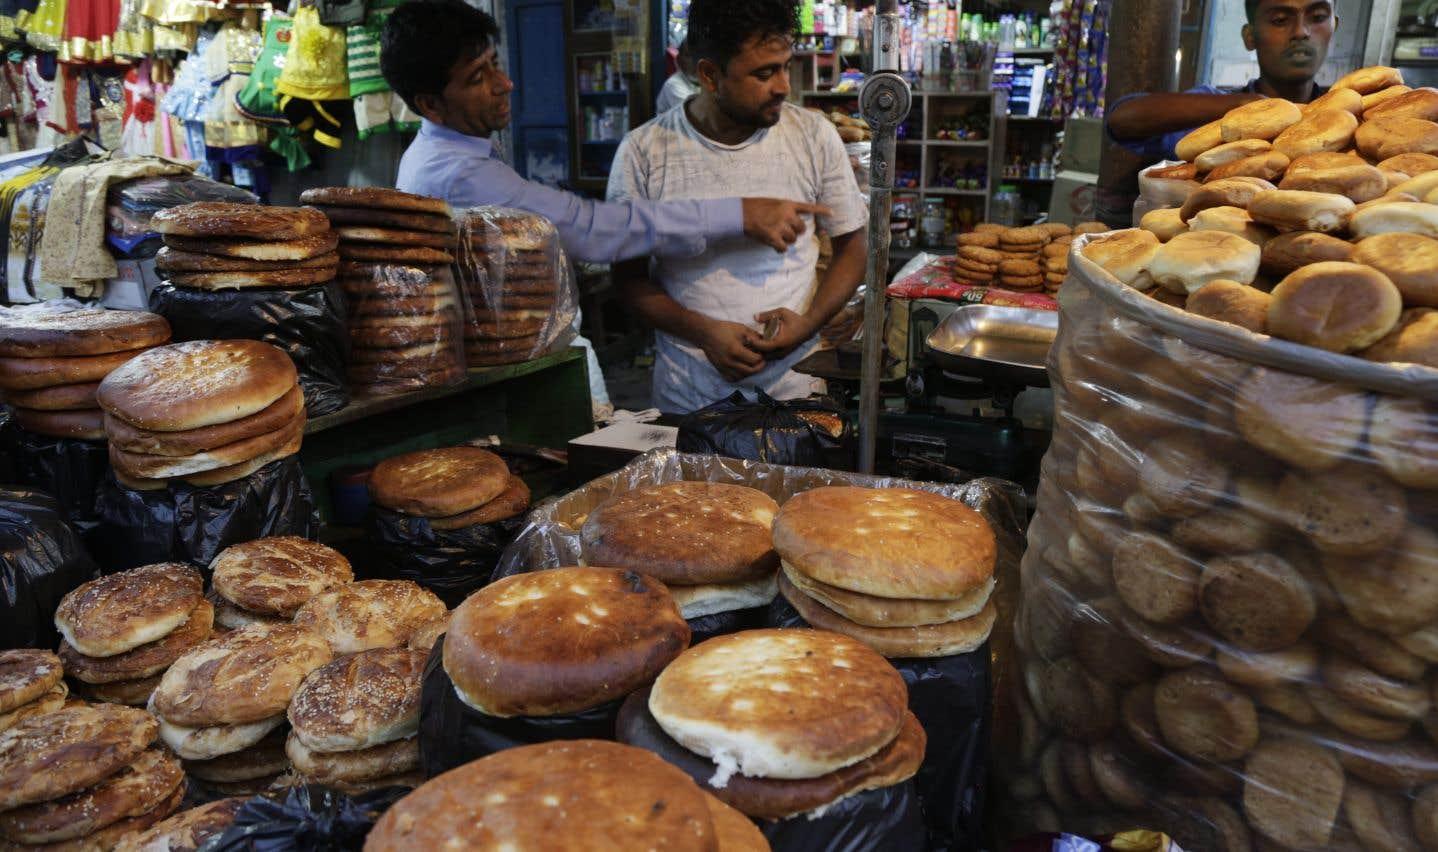 Un étal de pain en ce premier jour du ramadan, en Inde.